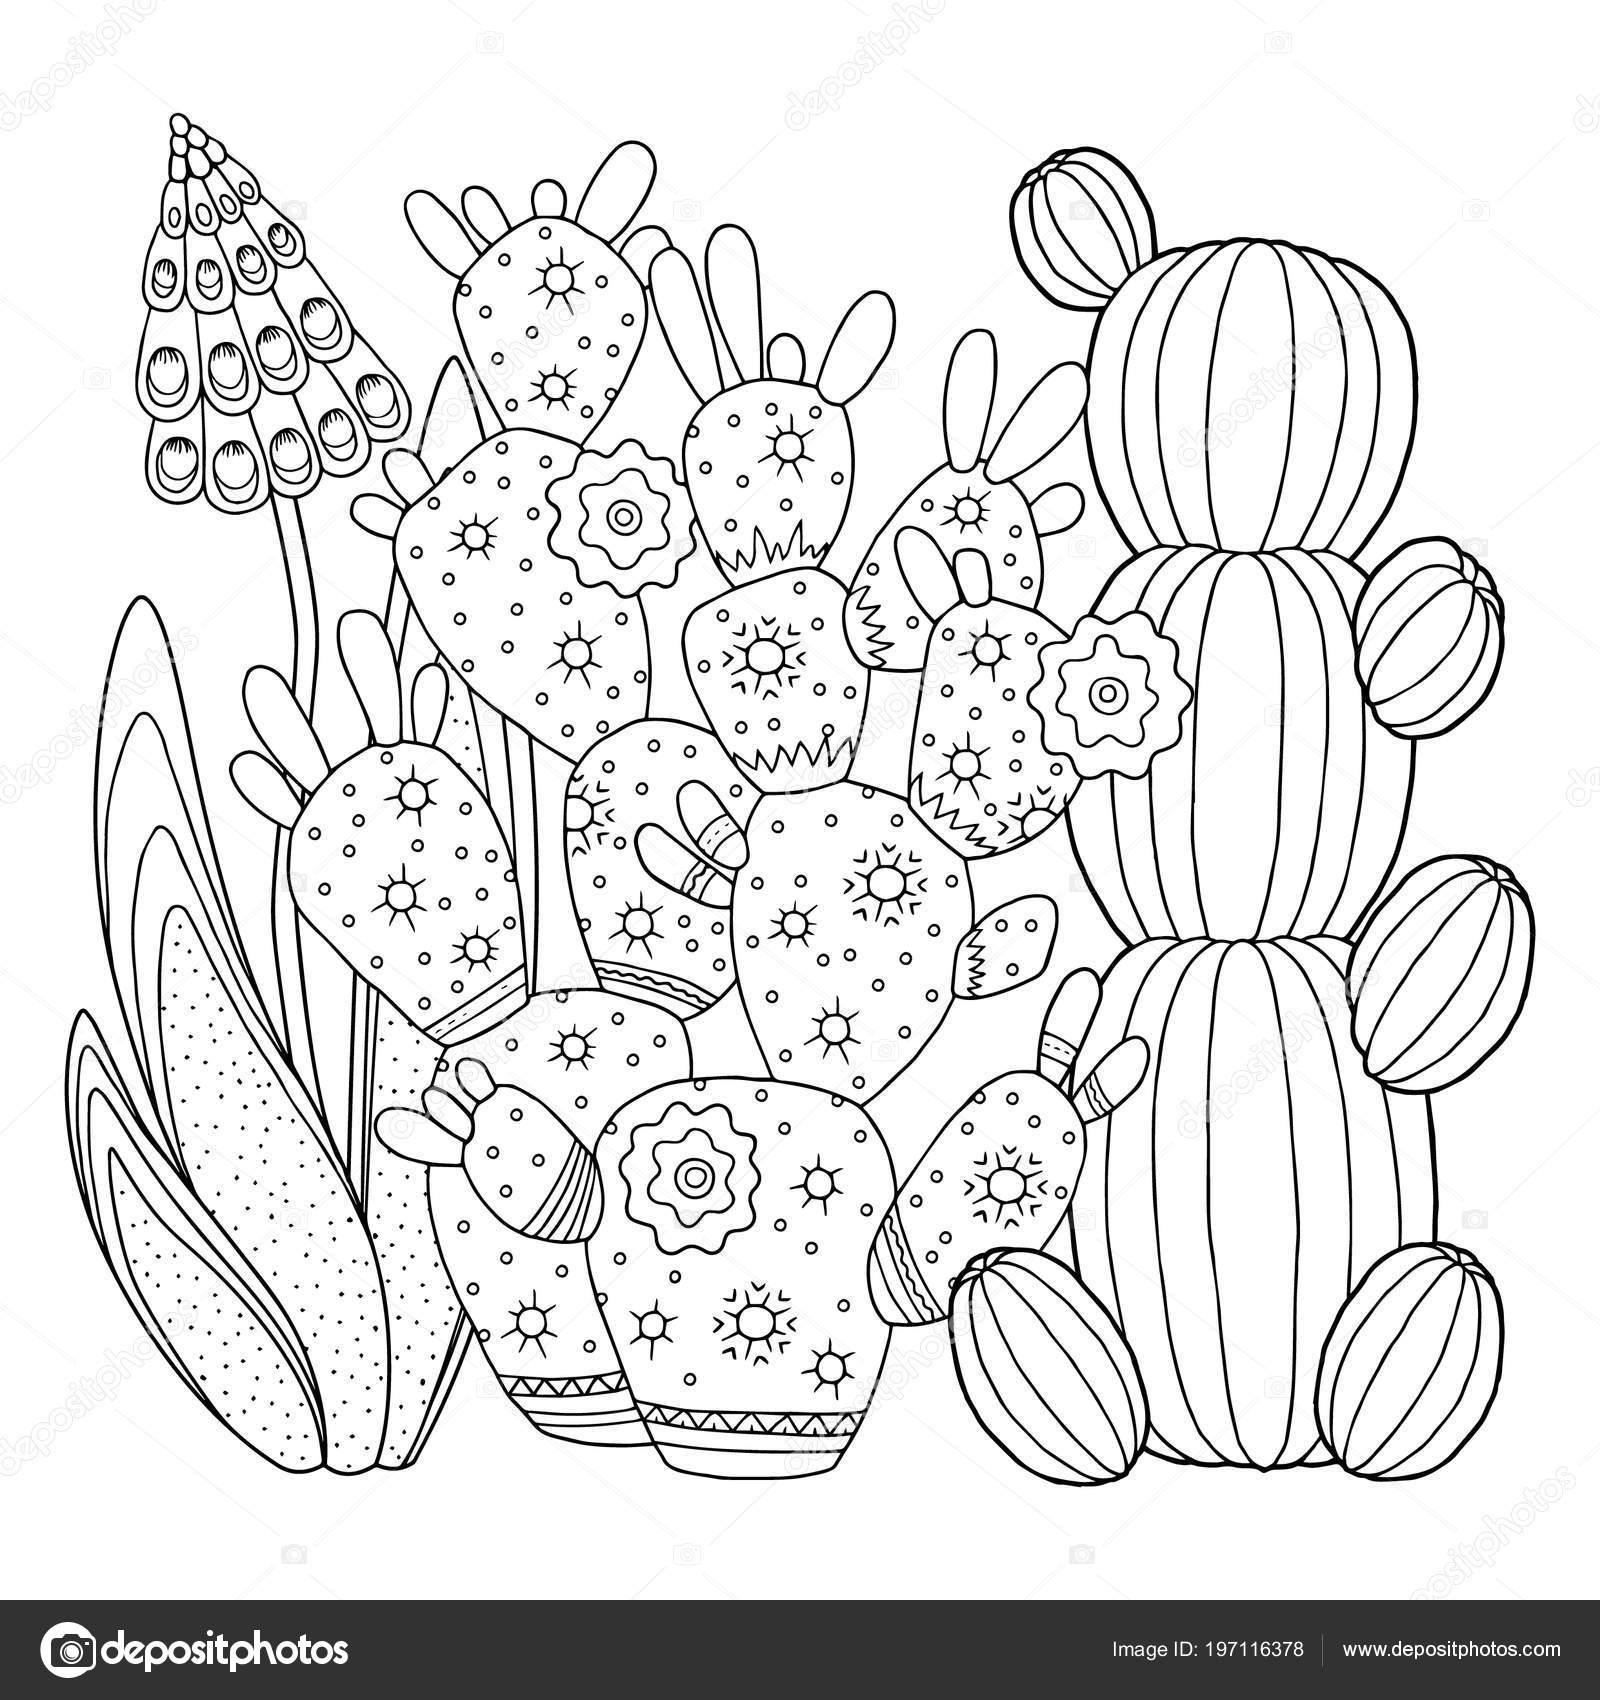 Imágenes Nopales Para Colorear Imagen Lineal Sobre Nopal